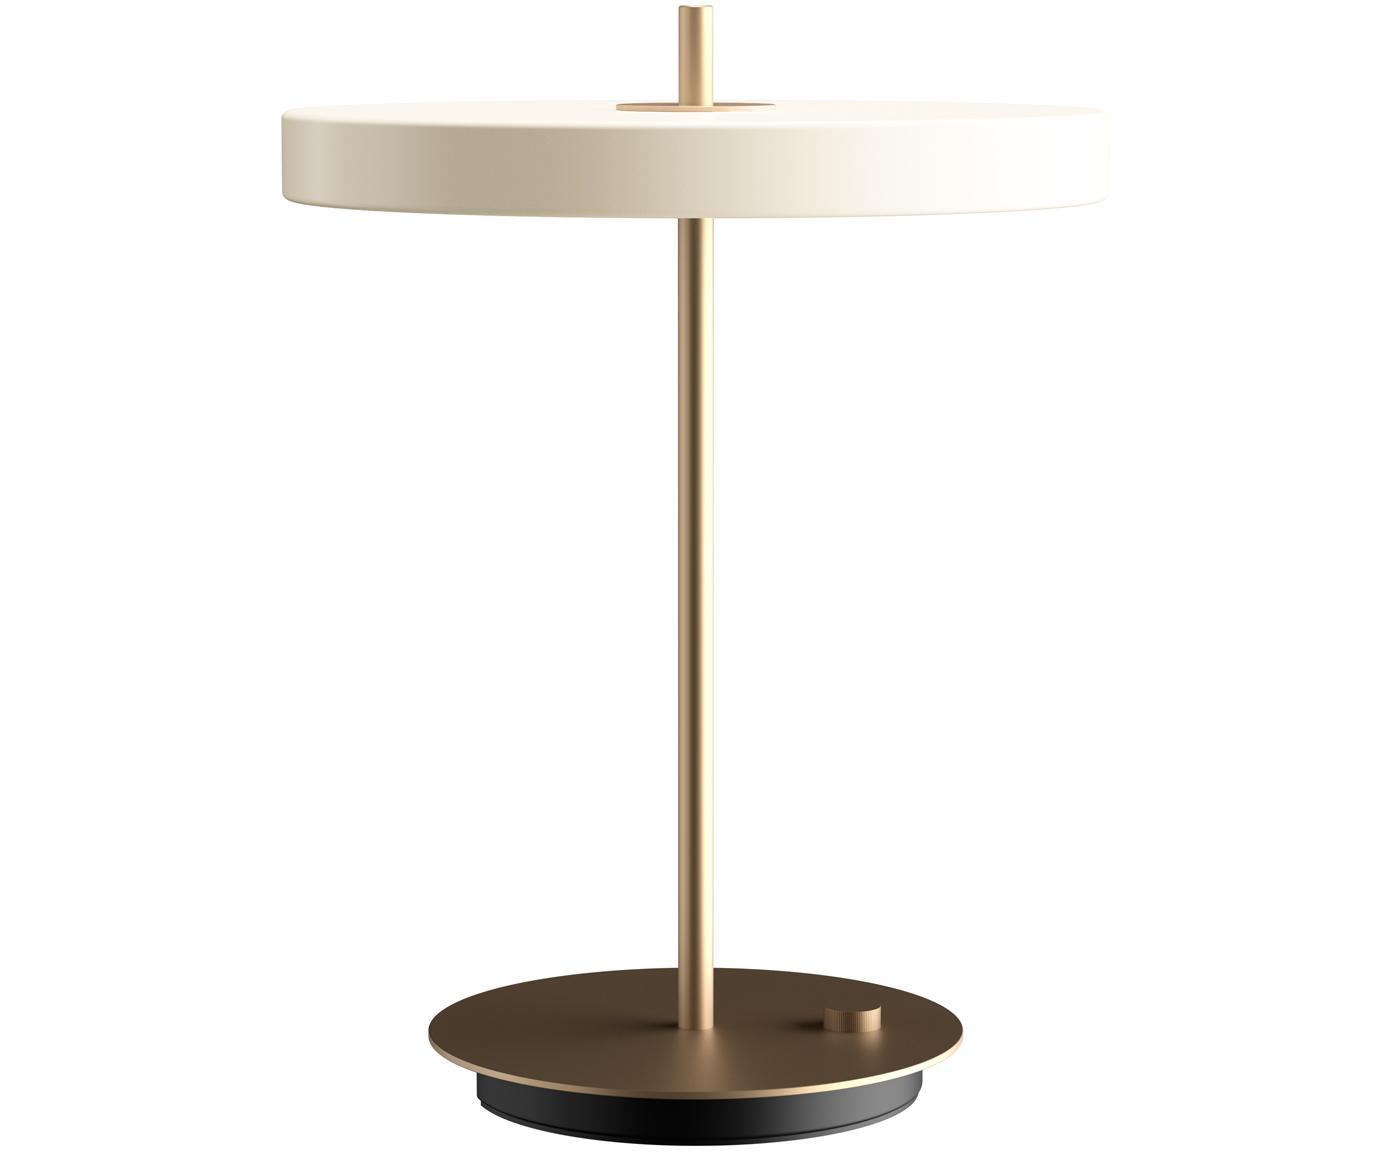 Lámpara de mesa LED regulable Asteria, Pantalla: aluminio, pintado, Base de la lámpara: acero, pintado, Blanco crema, dorado, Ø 31 x Al 42 cm